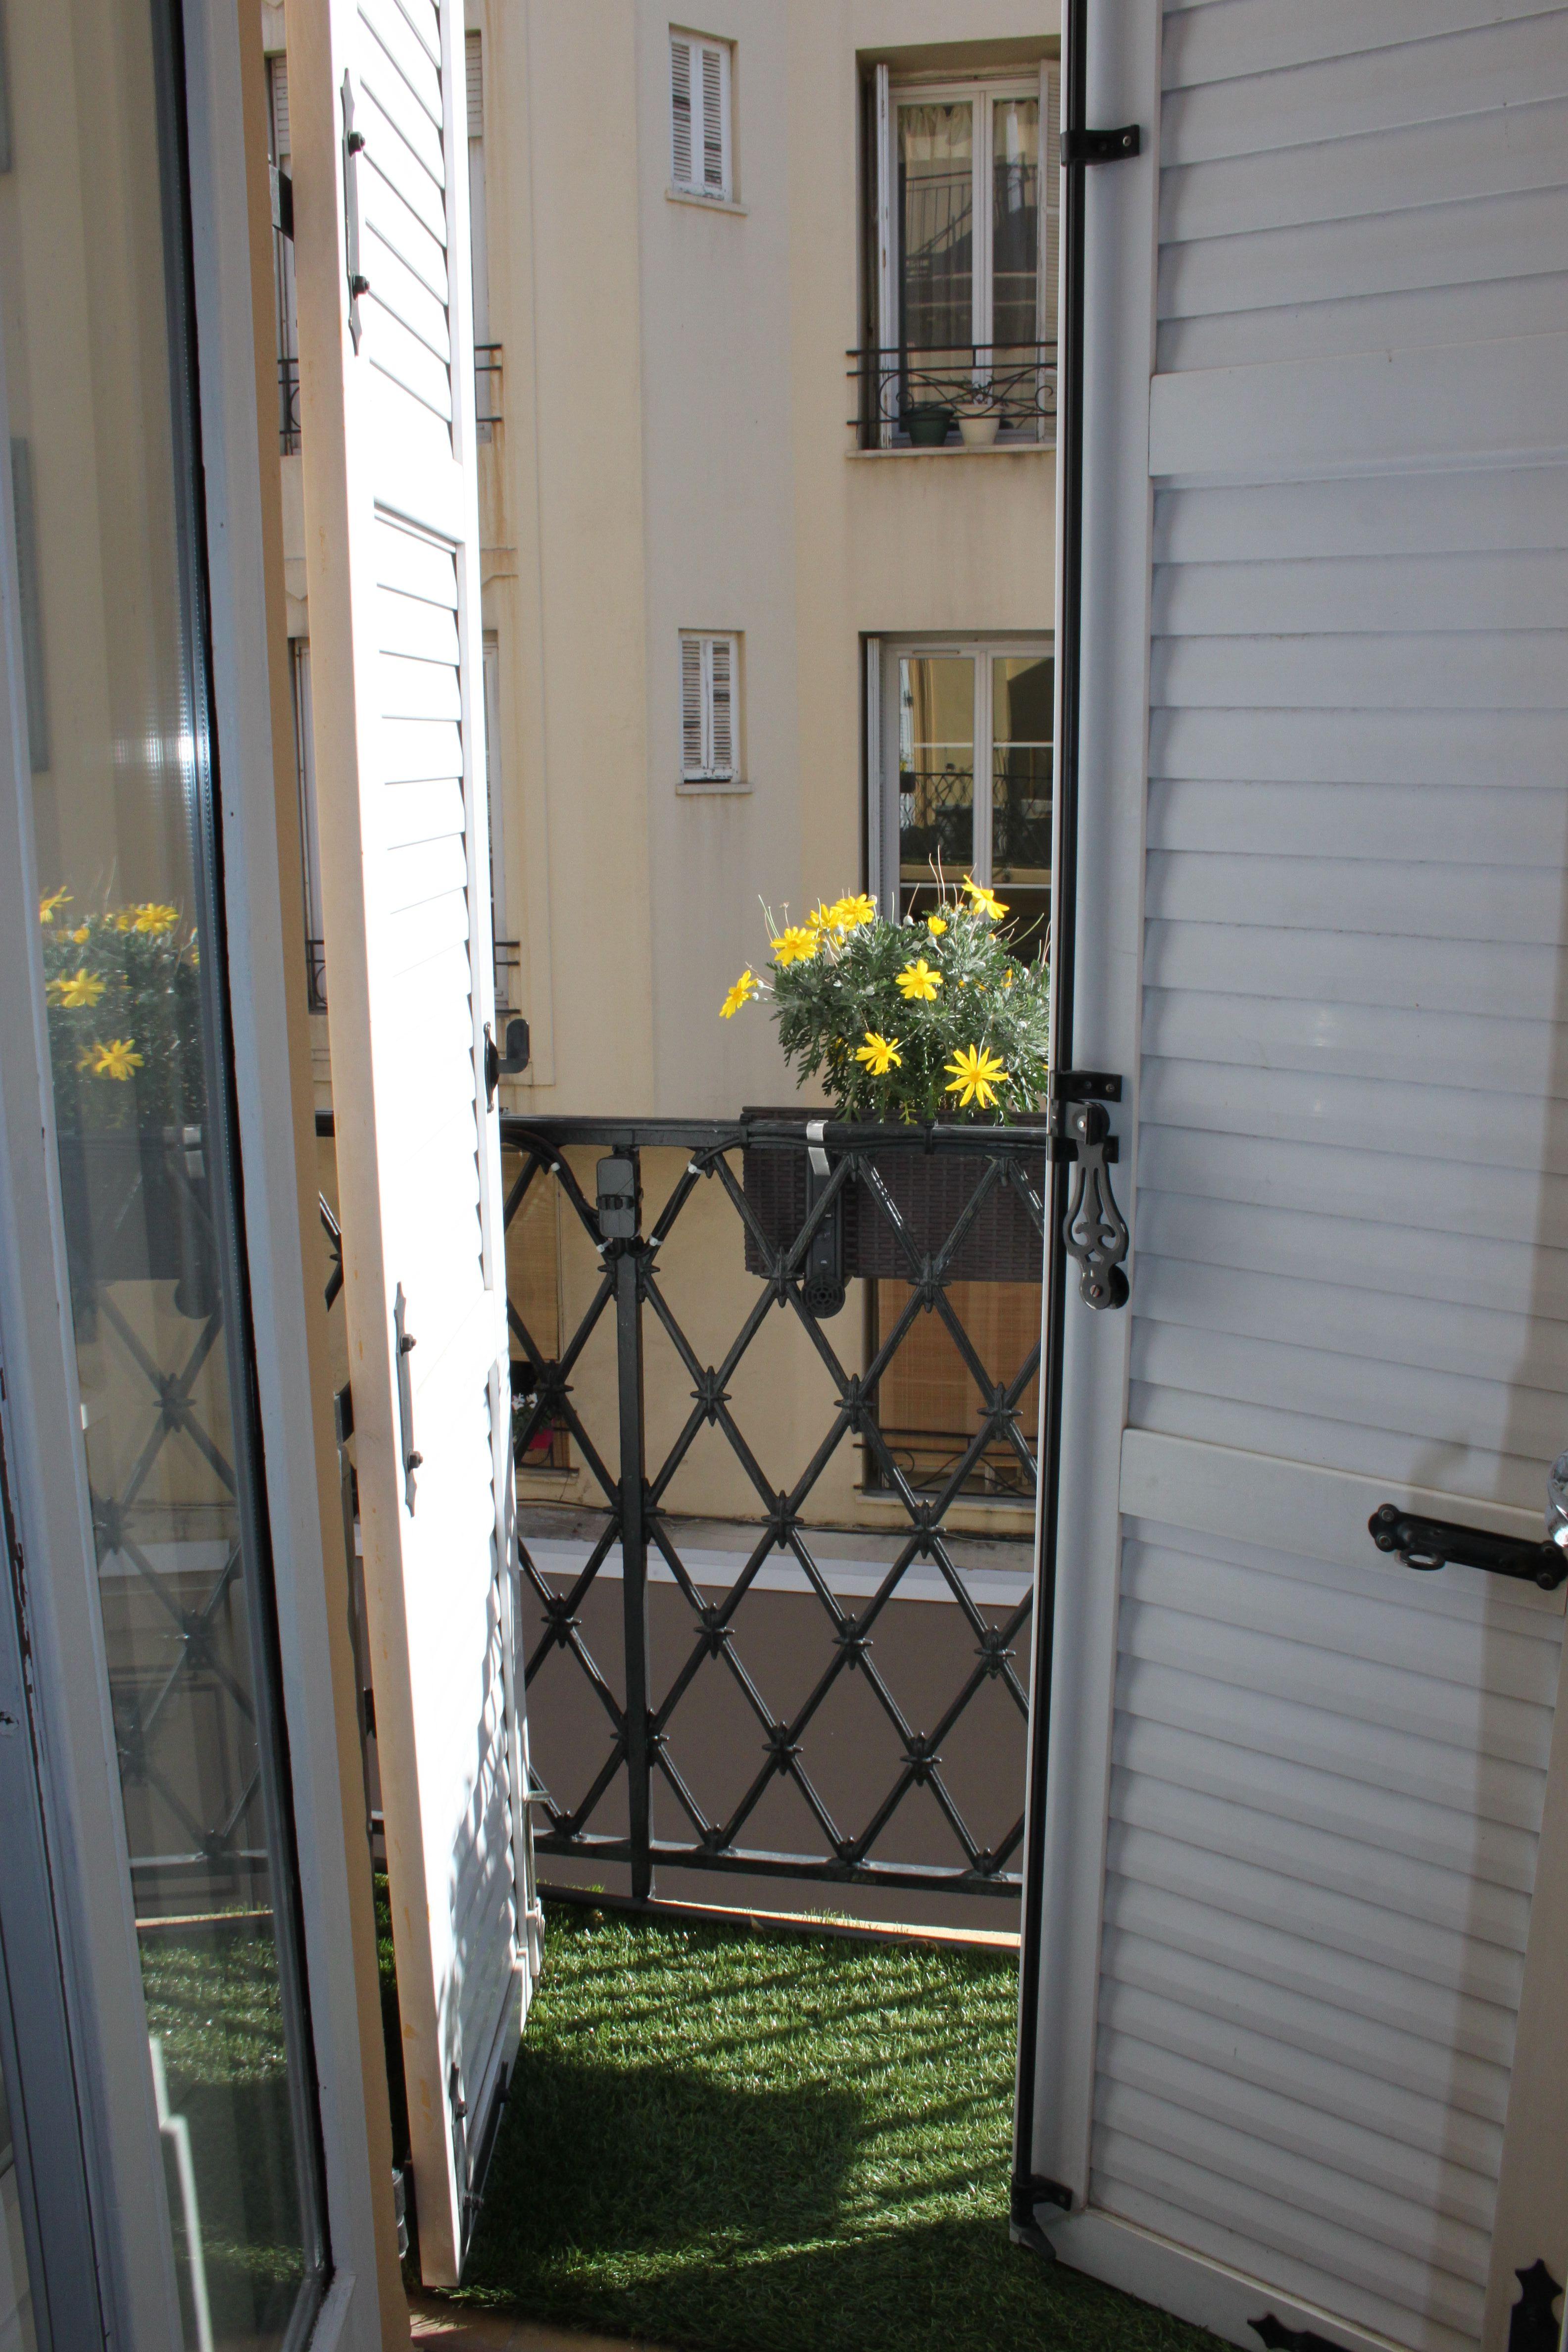 una finestra su Cannes stanza 5 hotel Carolina a Cannes di #viaggiareapois